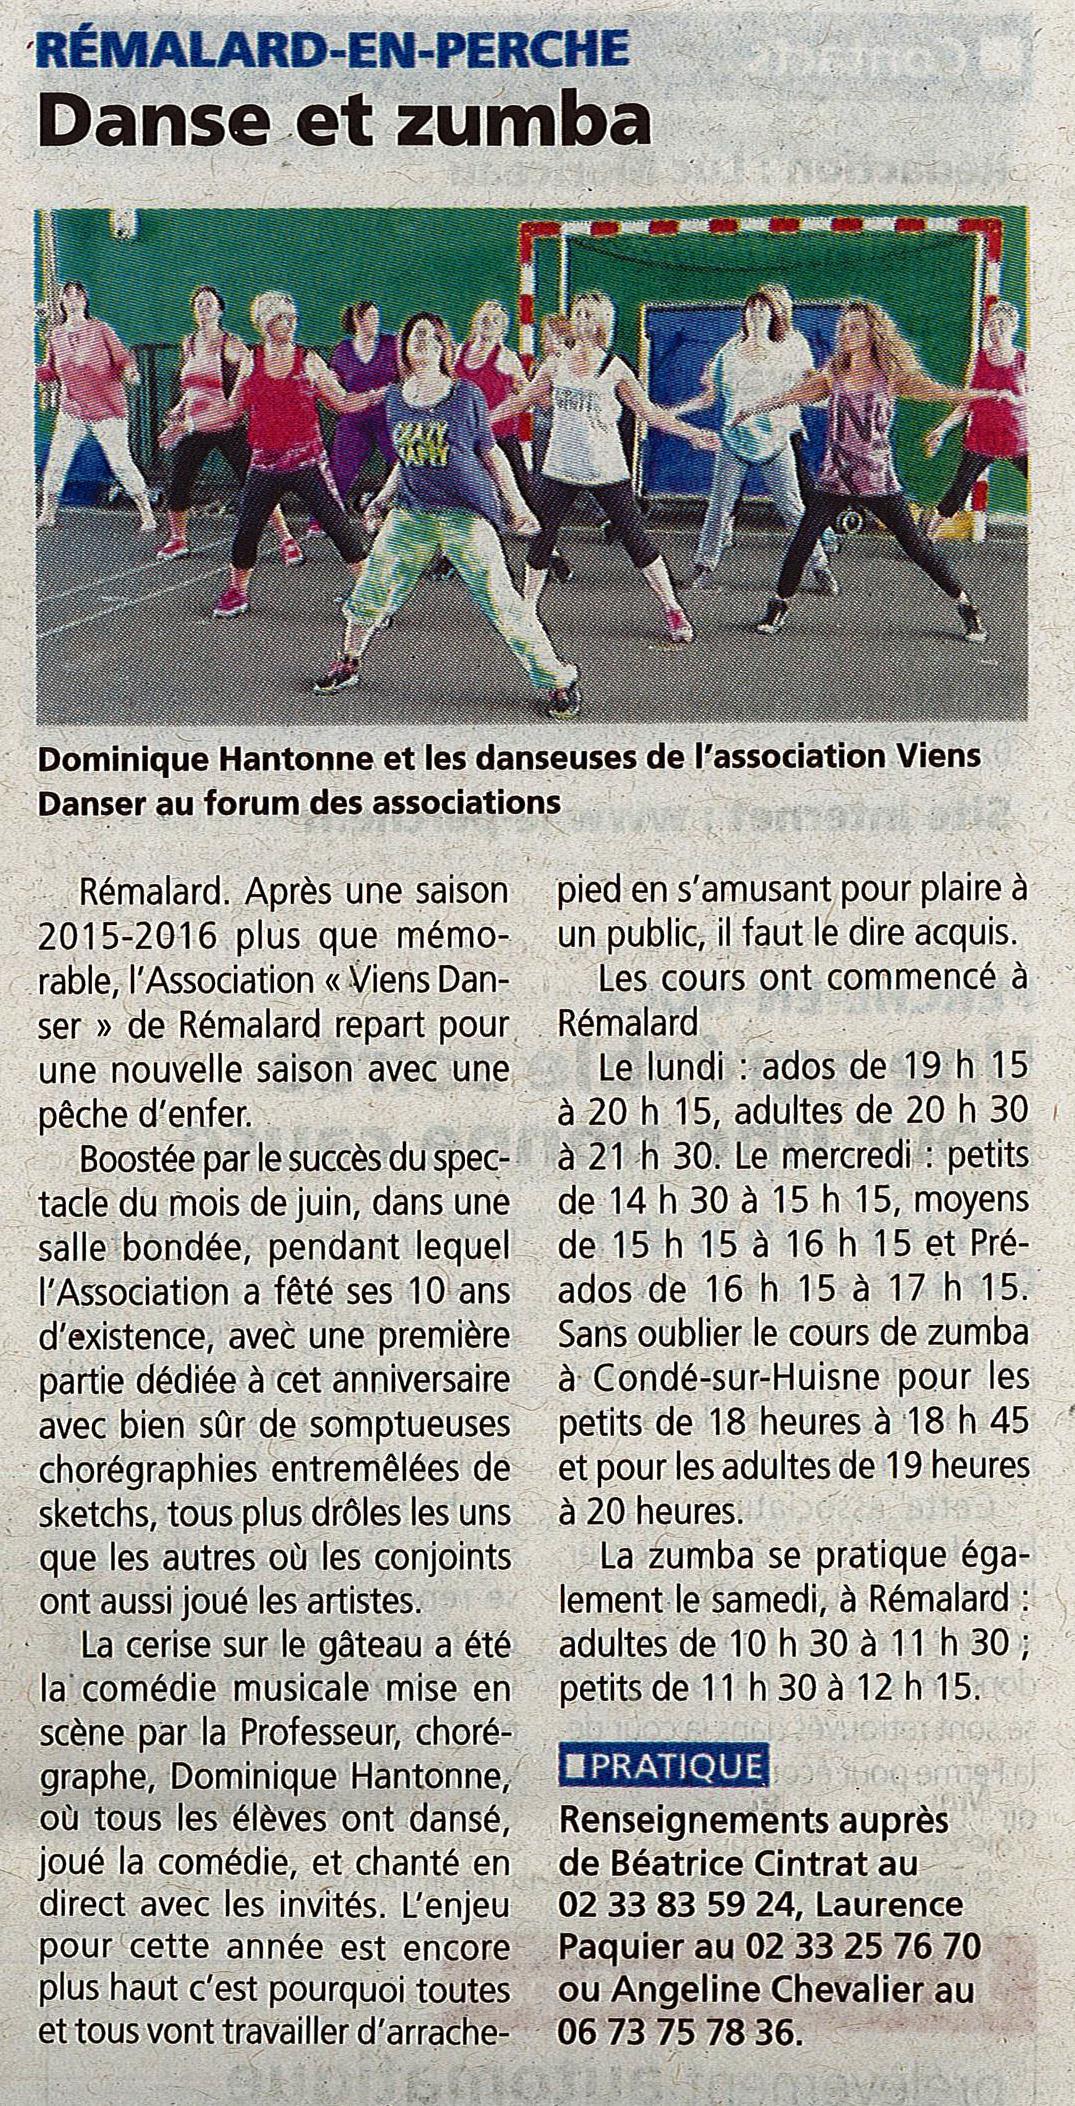 Association viens danser article dans le journal le perche du 21 septembre - Le journal le perche ...